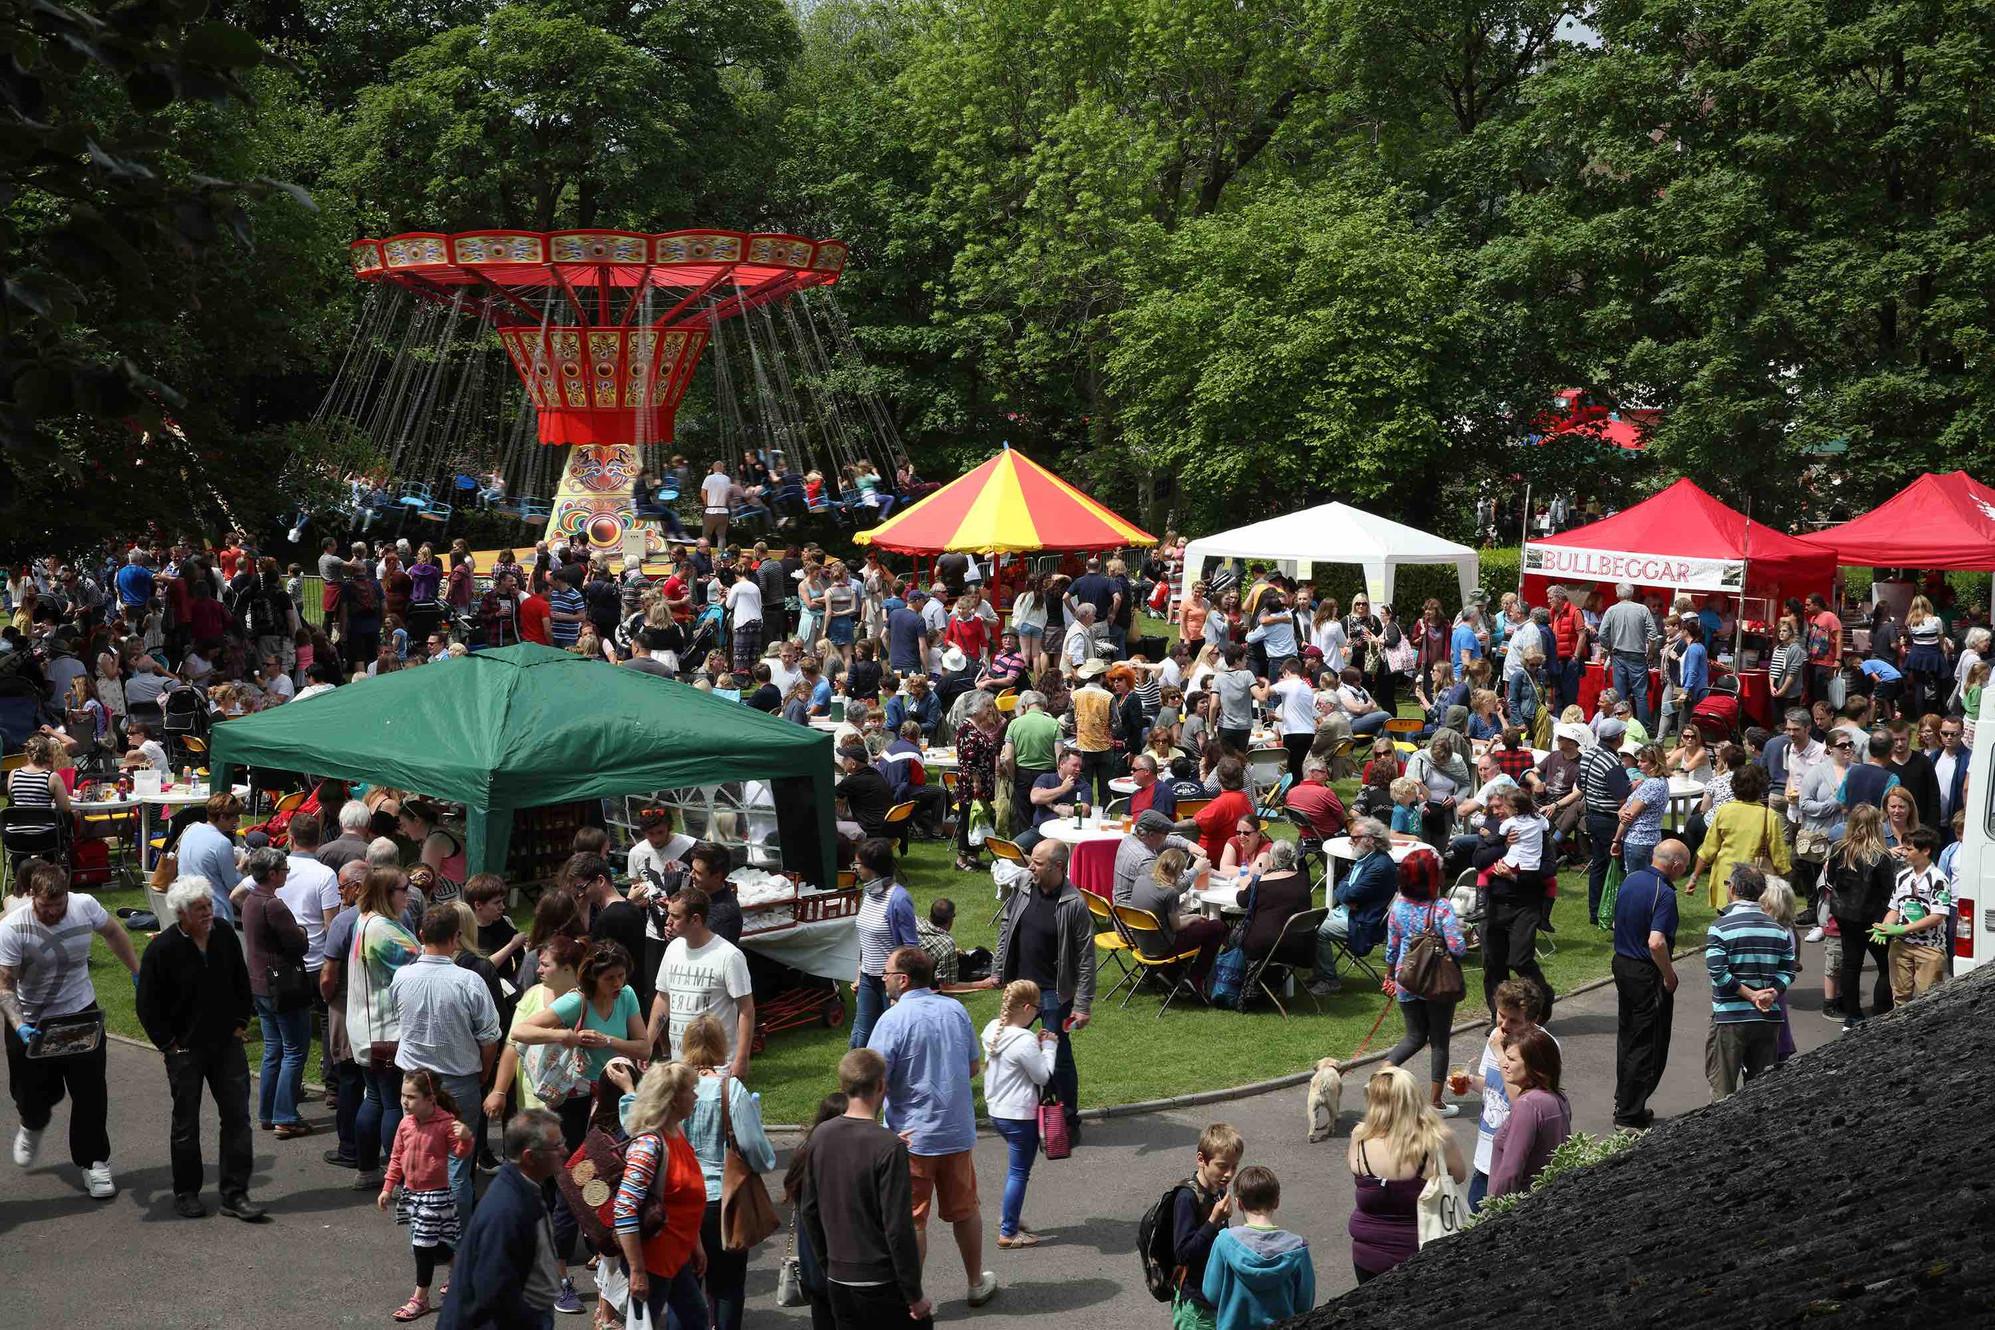 (c) Brutonfestival.co.uk